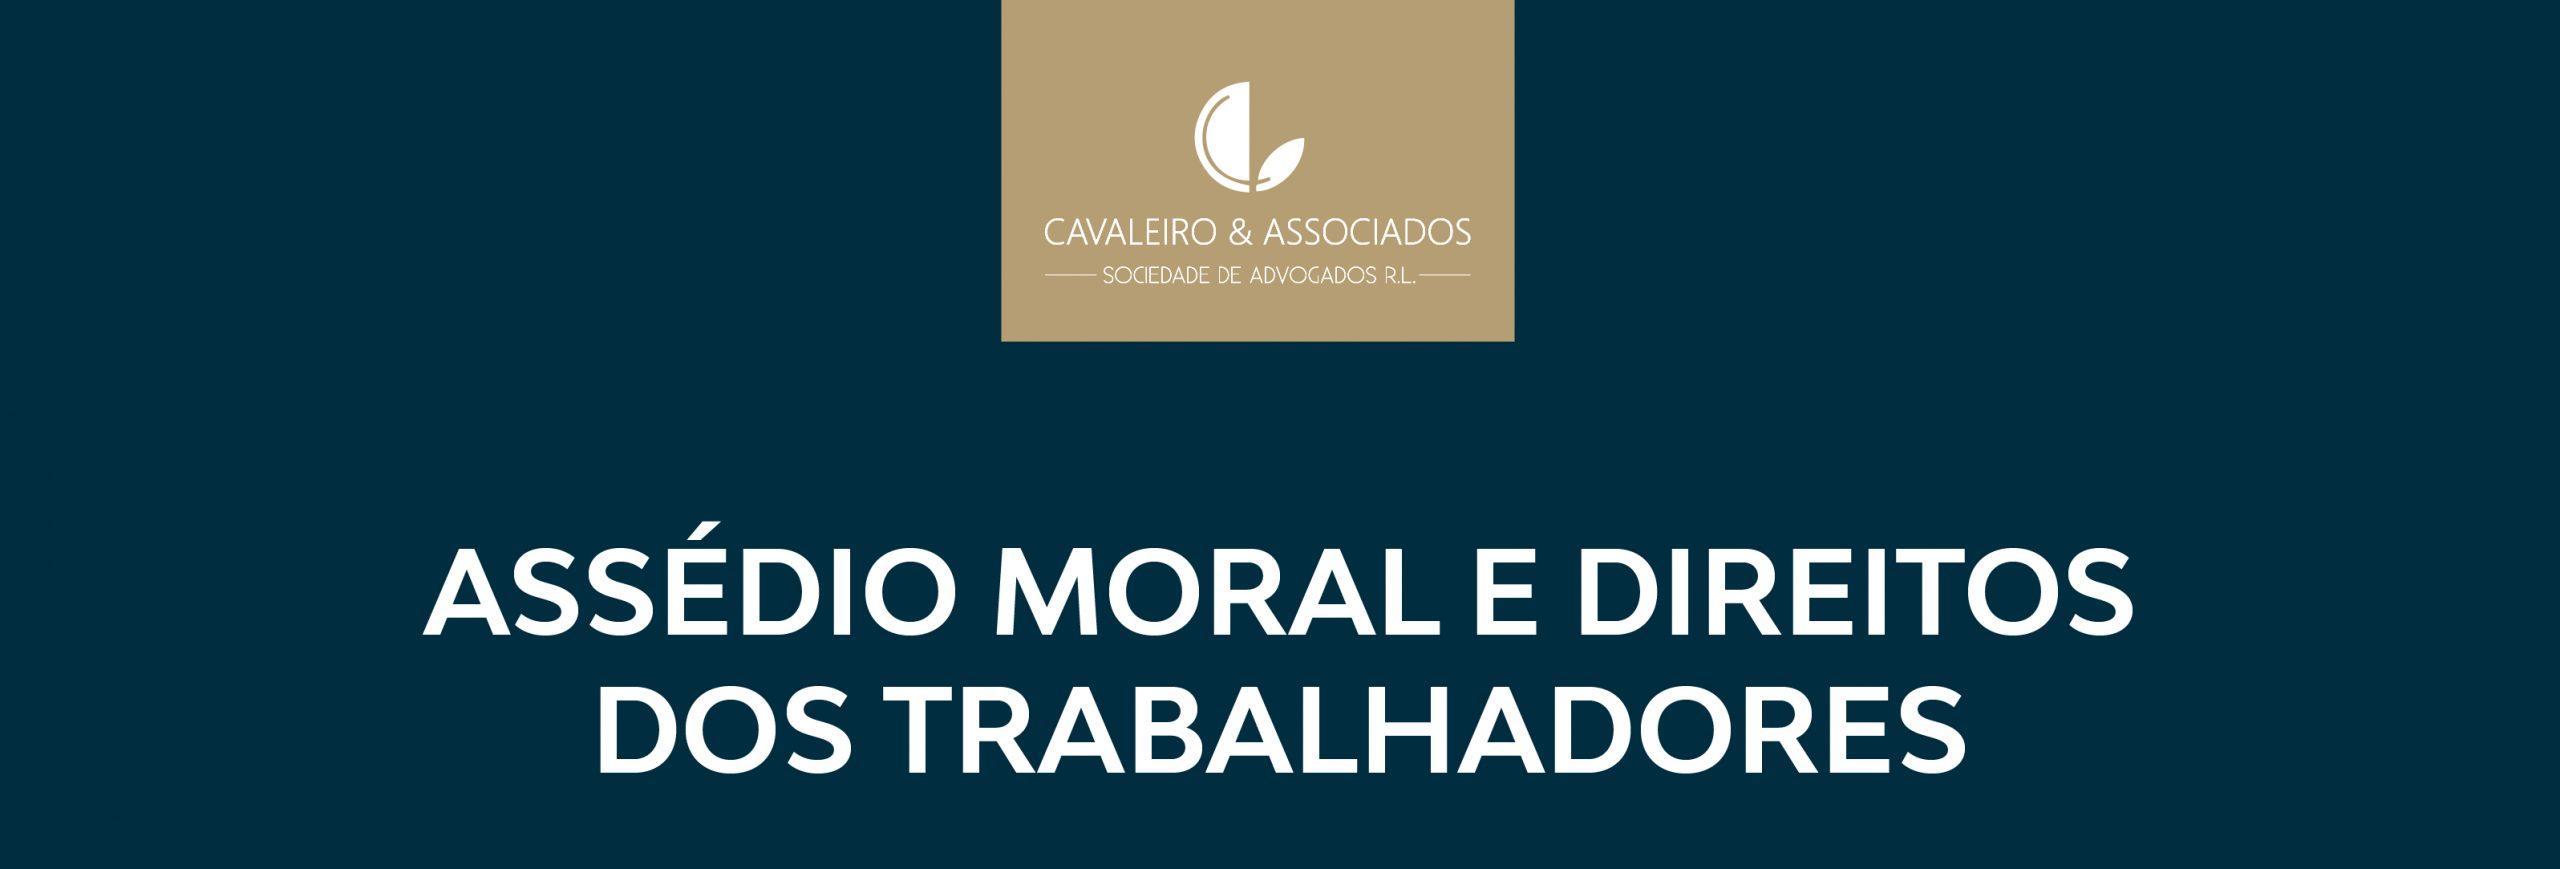 Assédio Moral e Diretos dos Trabalhadores